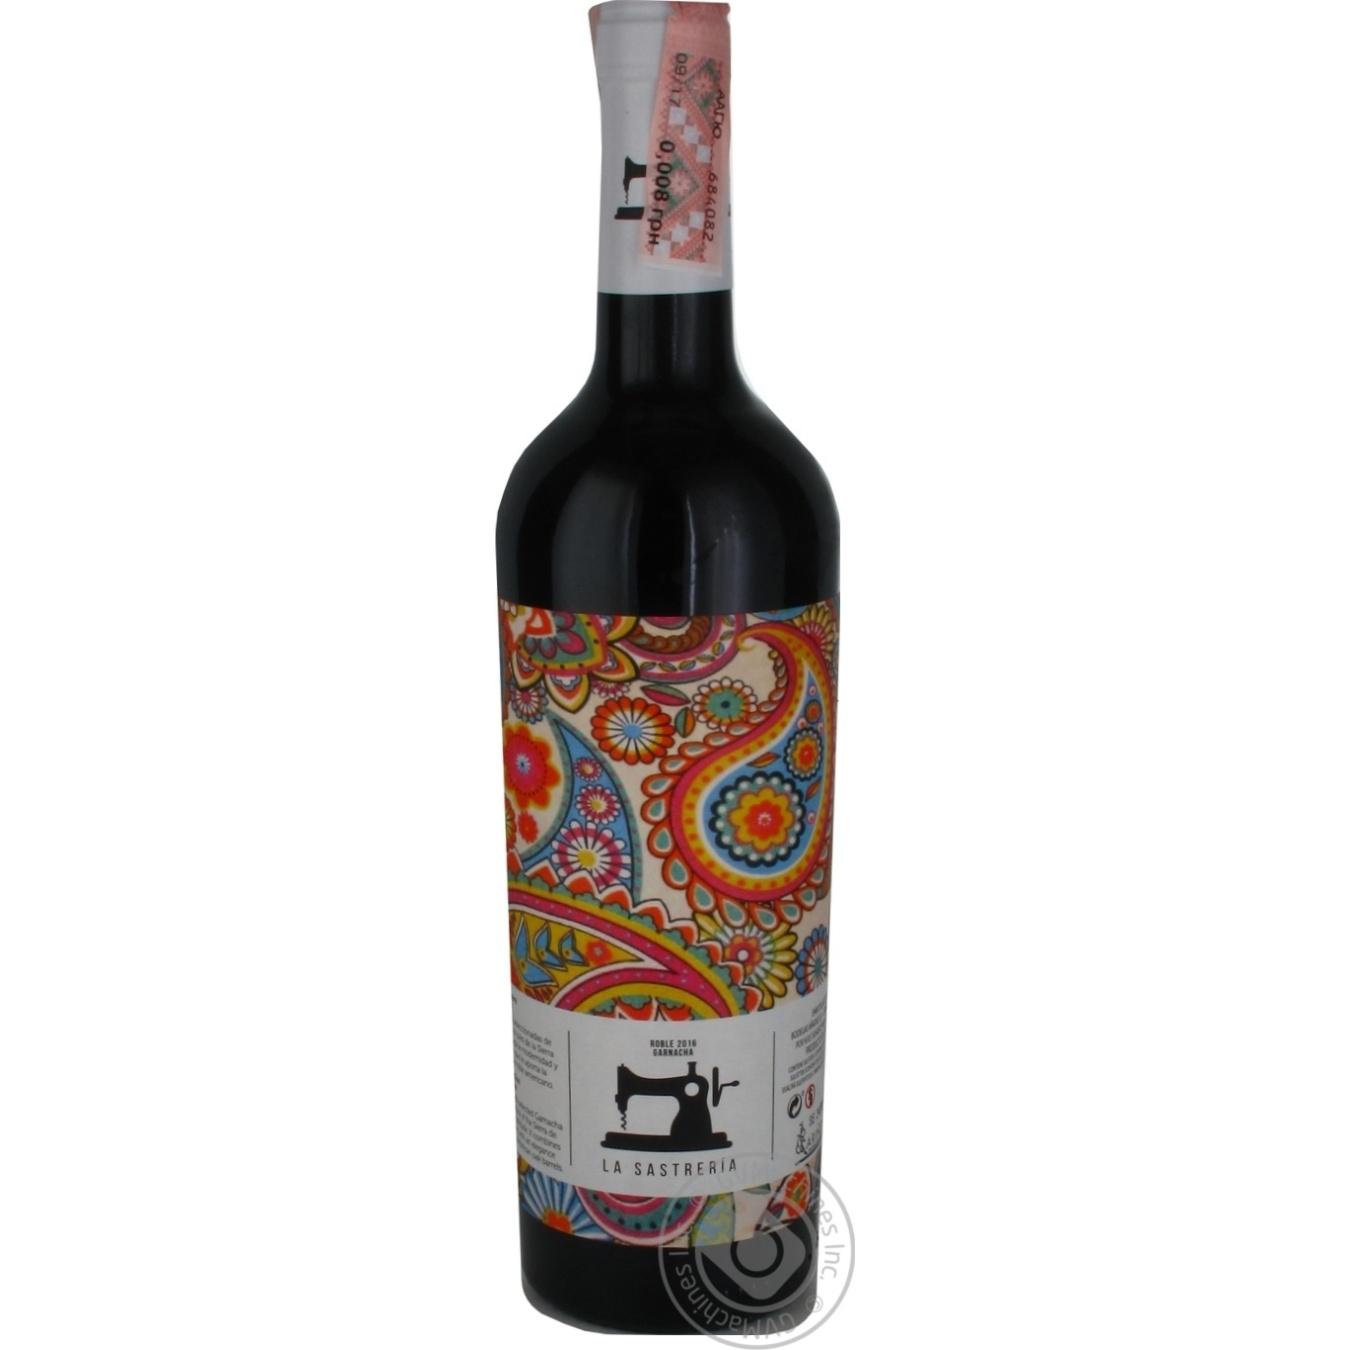 Алкоголь та енергетики, Вино La Sastreria Garnacha червоне сухе 14% 0, 75л  - купить со скидкой